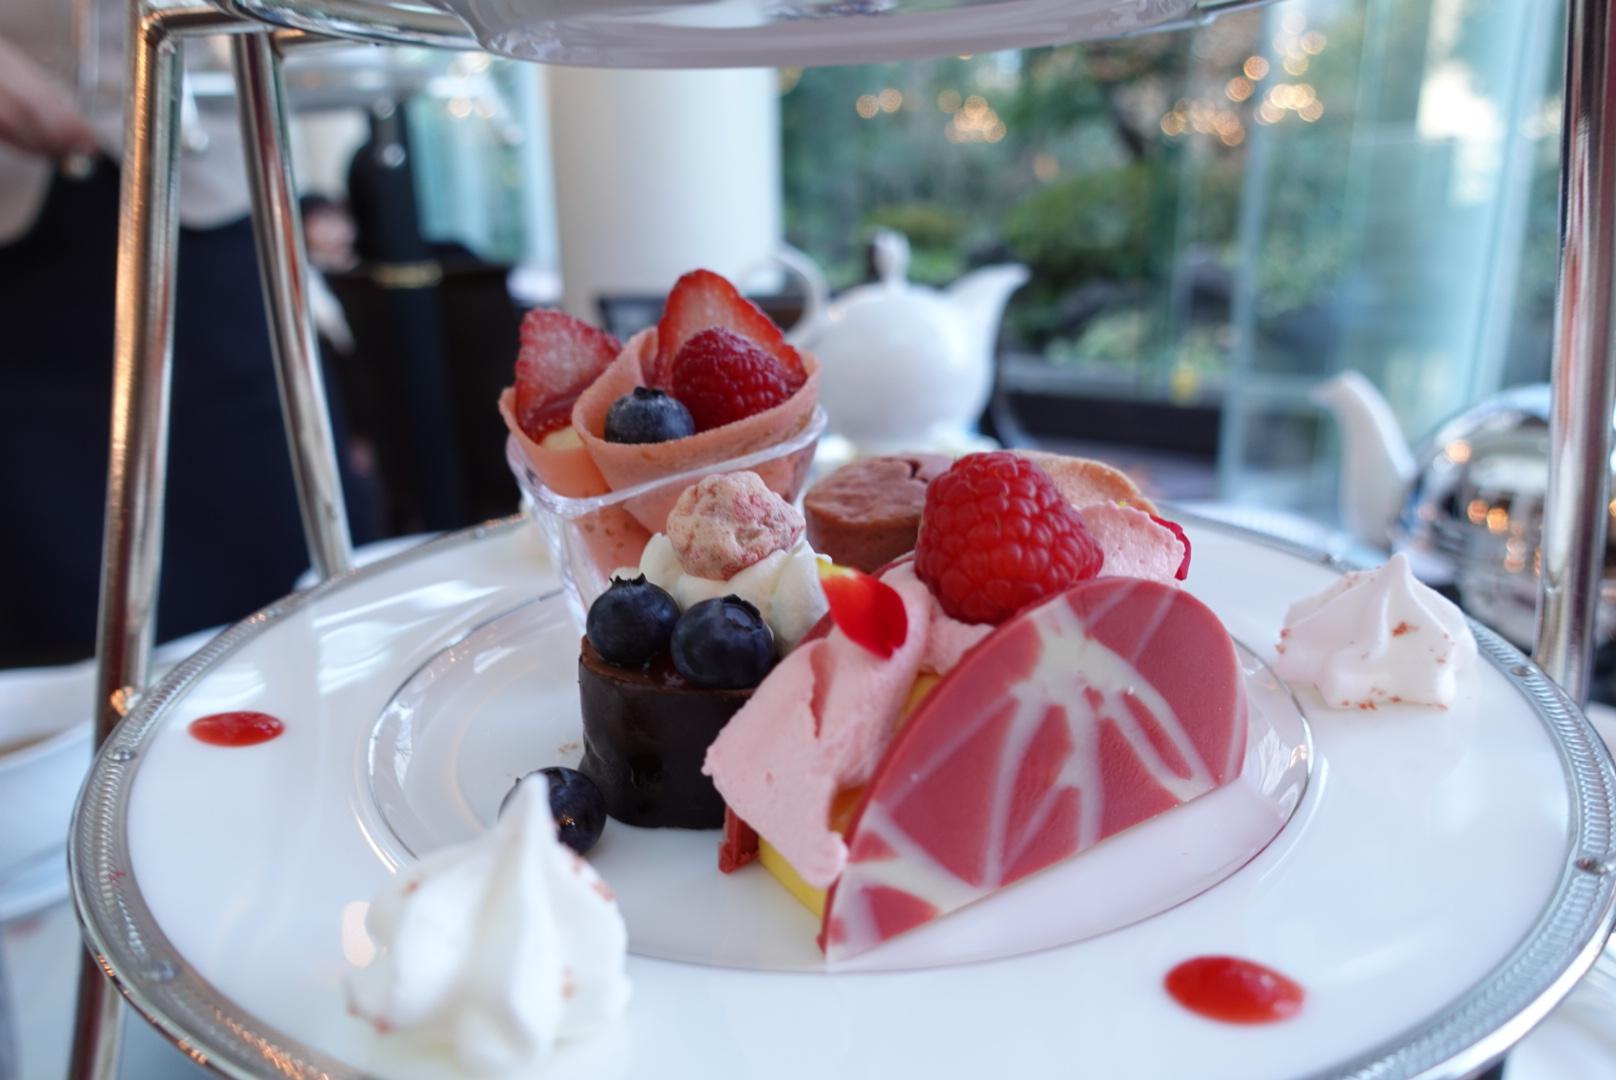 【大阪】ウェスティンホテル大阪の「Berry Berry アフタヌーンティー」でいちごを堪能!お庭に鯉も泳いでいて癒やされた_3